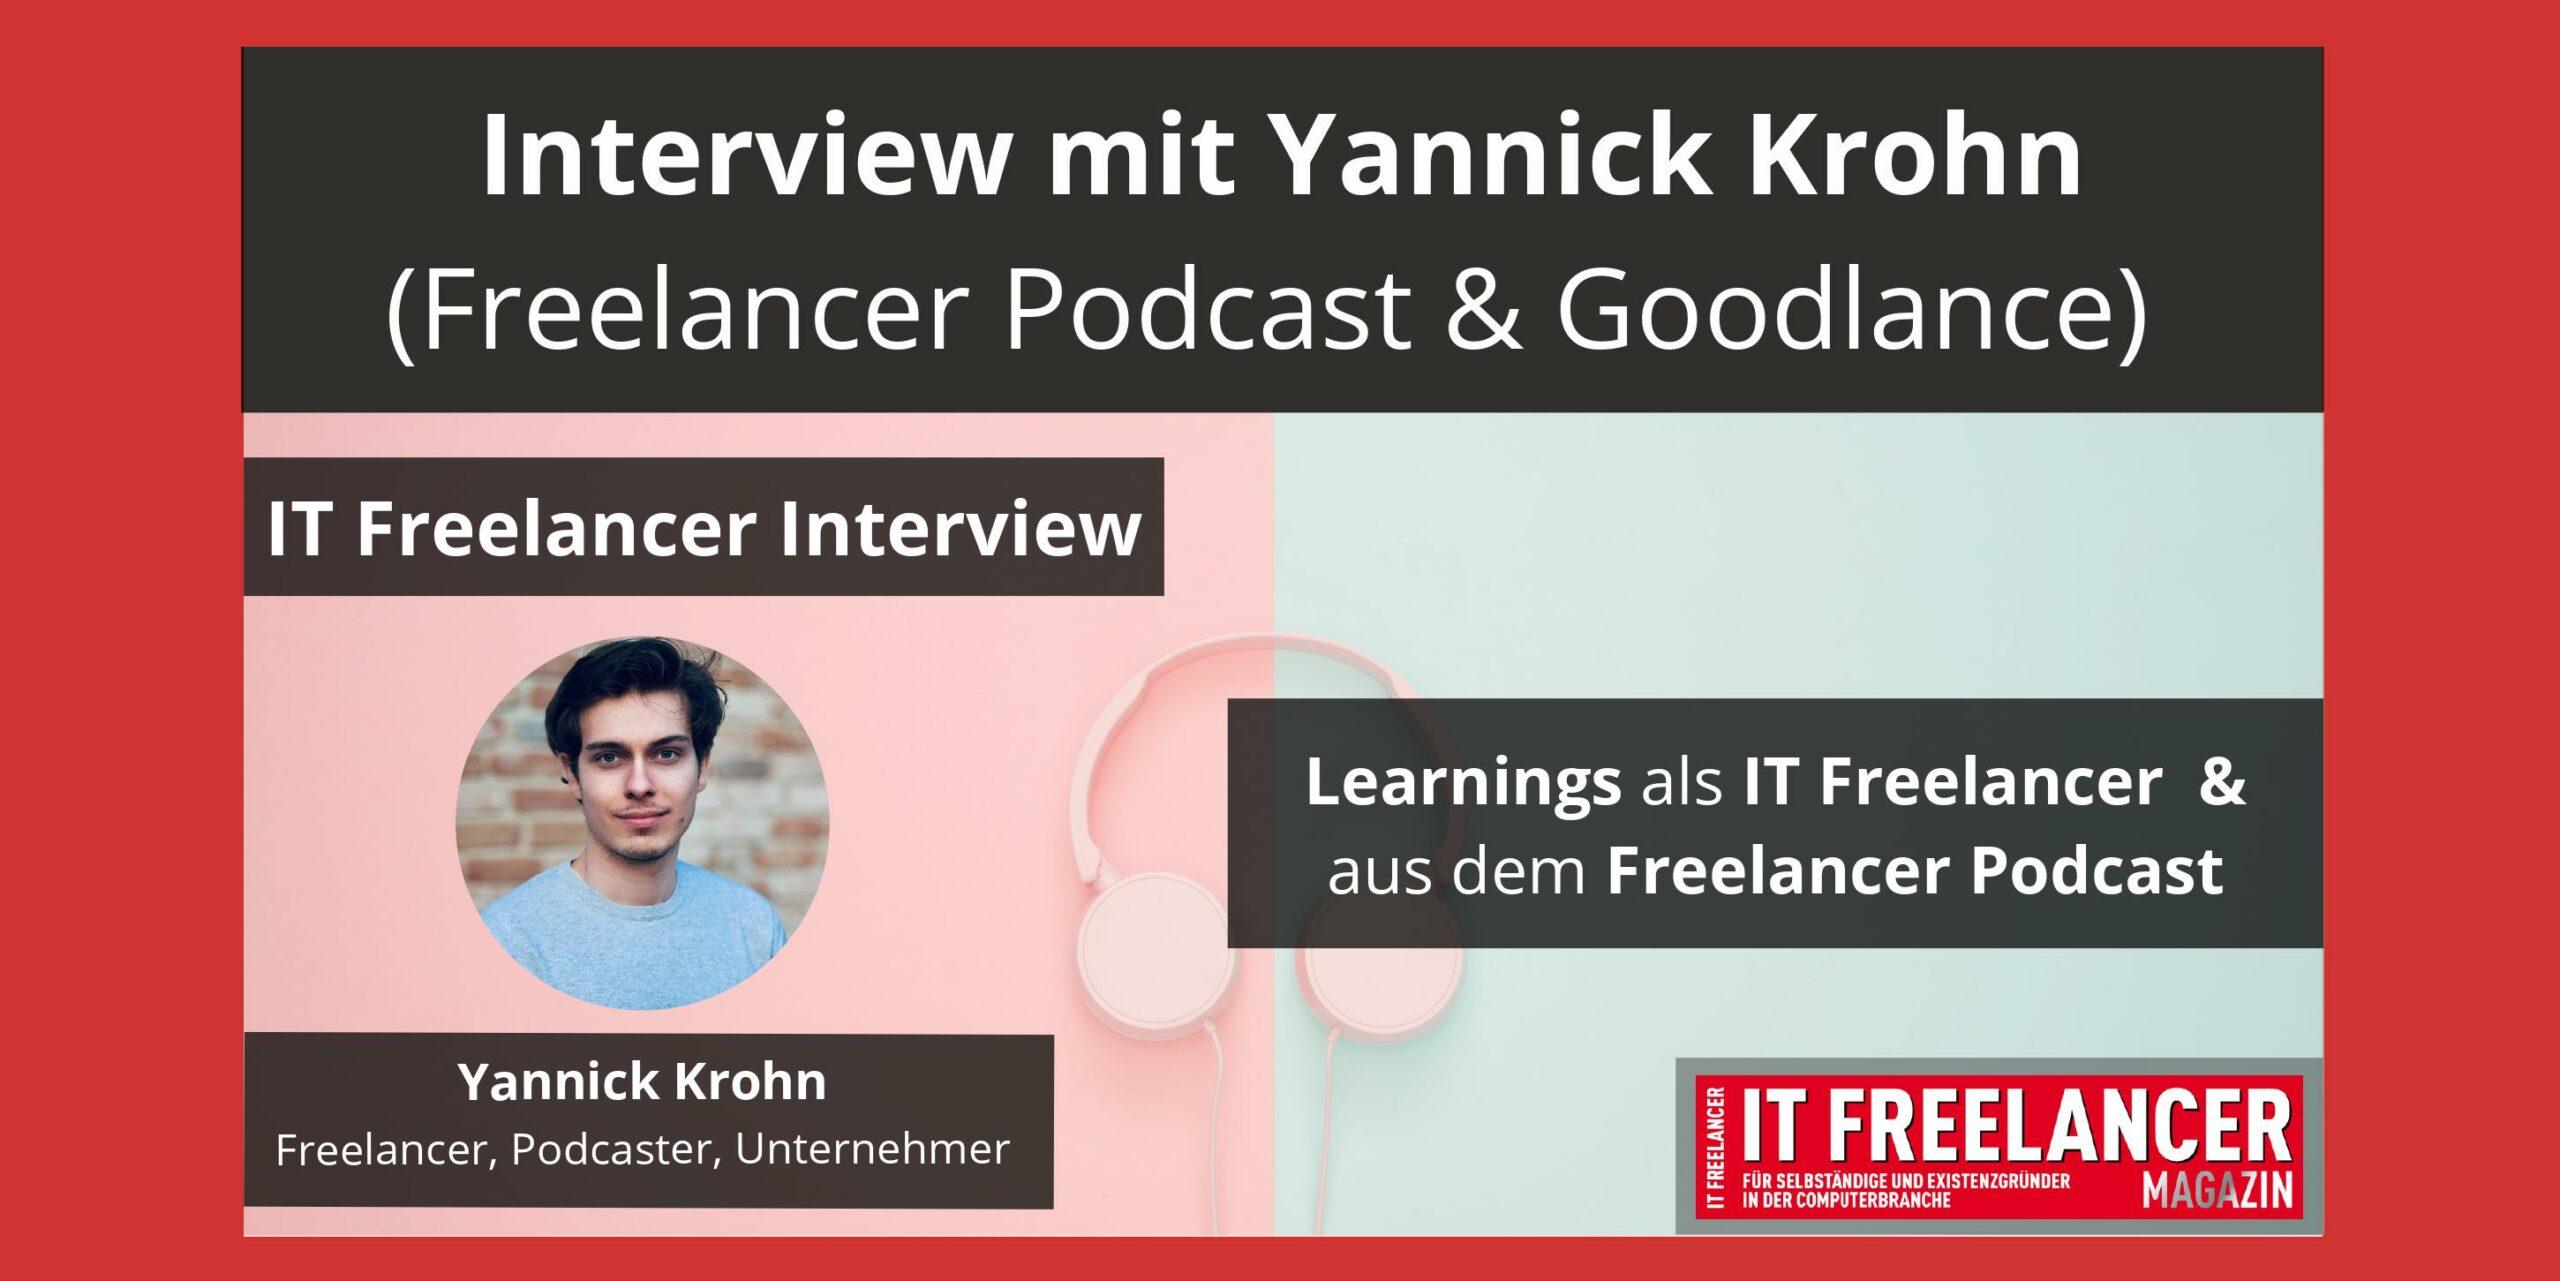 Interview mit Yannick Krohn_ Freelancer Podcast und Goodlance